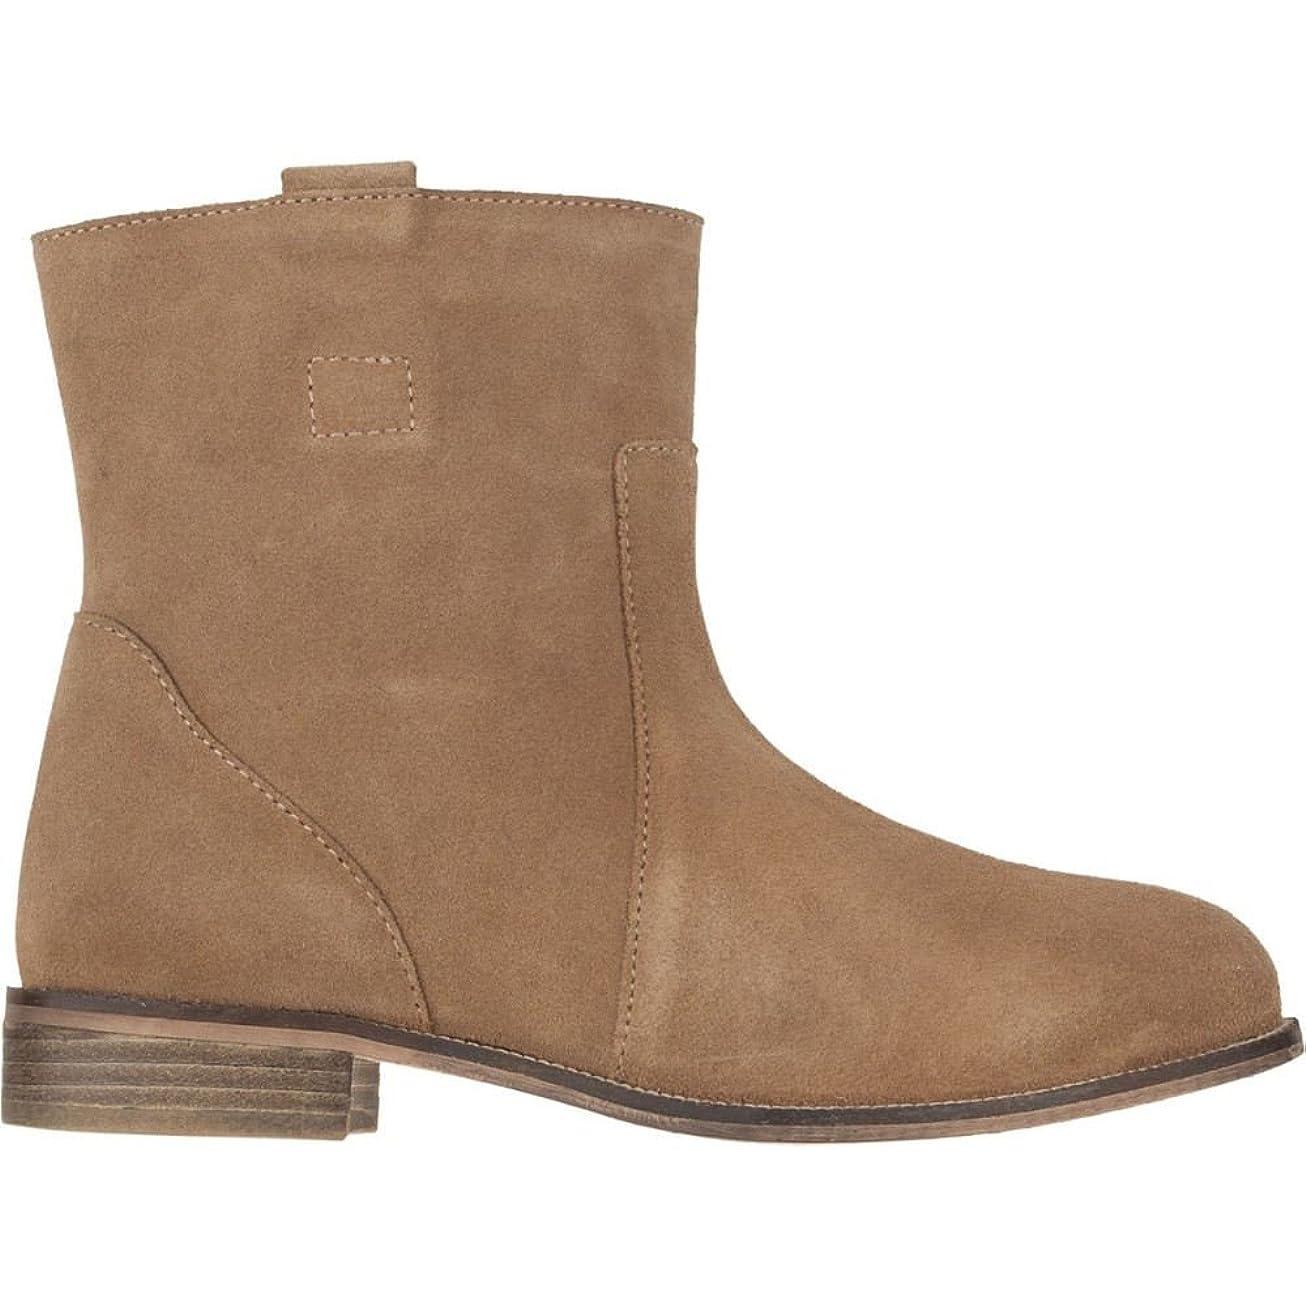 リアル変数休日に(セイシェルズ) Seychelles Footwear レディース シューズ?靴 ブーツ Wisdom Boot [並行輸入品]